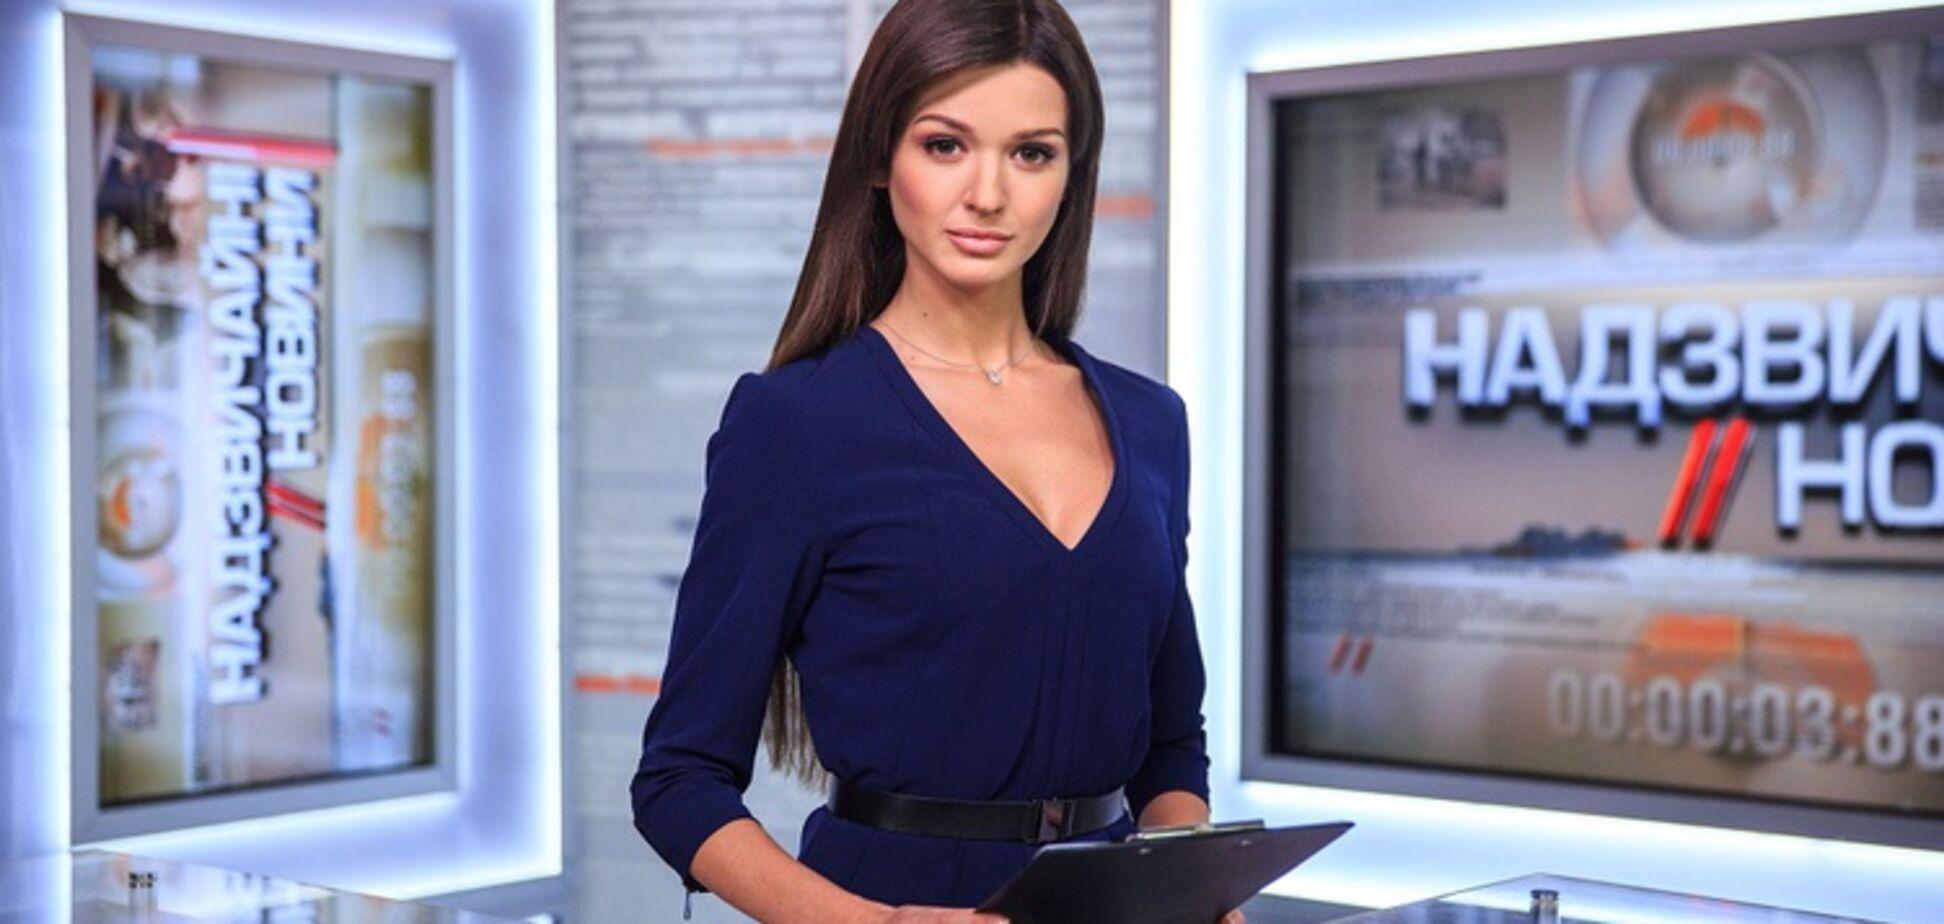 Знайдено чеченський слід: під Києвом напали на будинок телеведучої